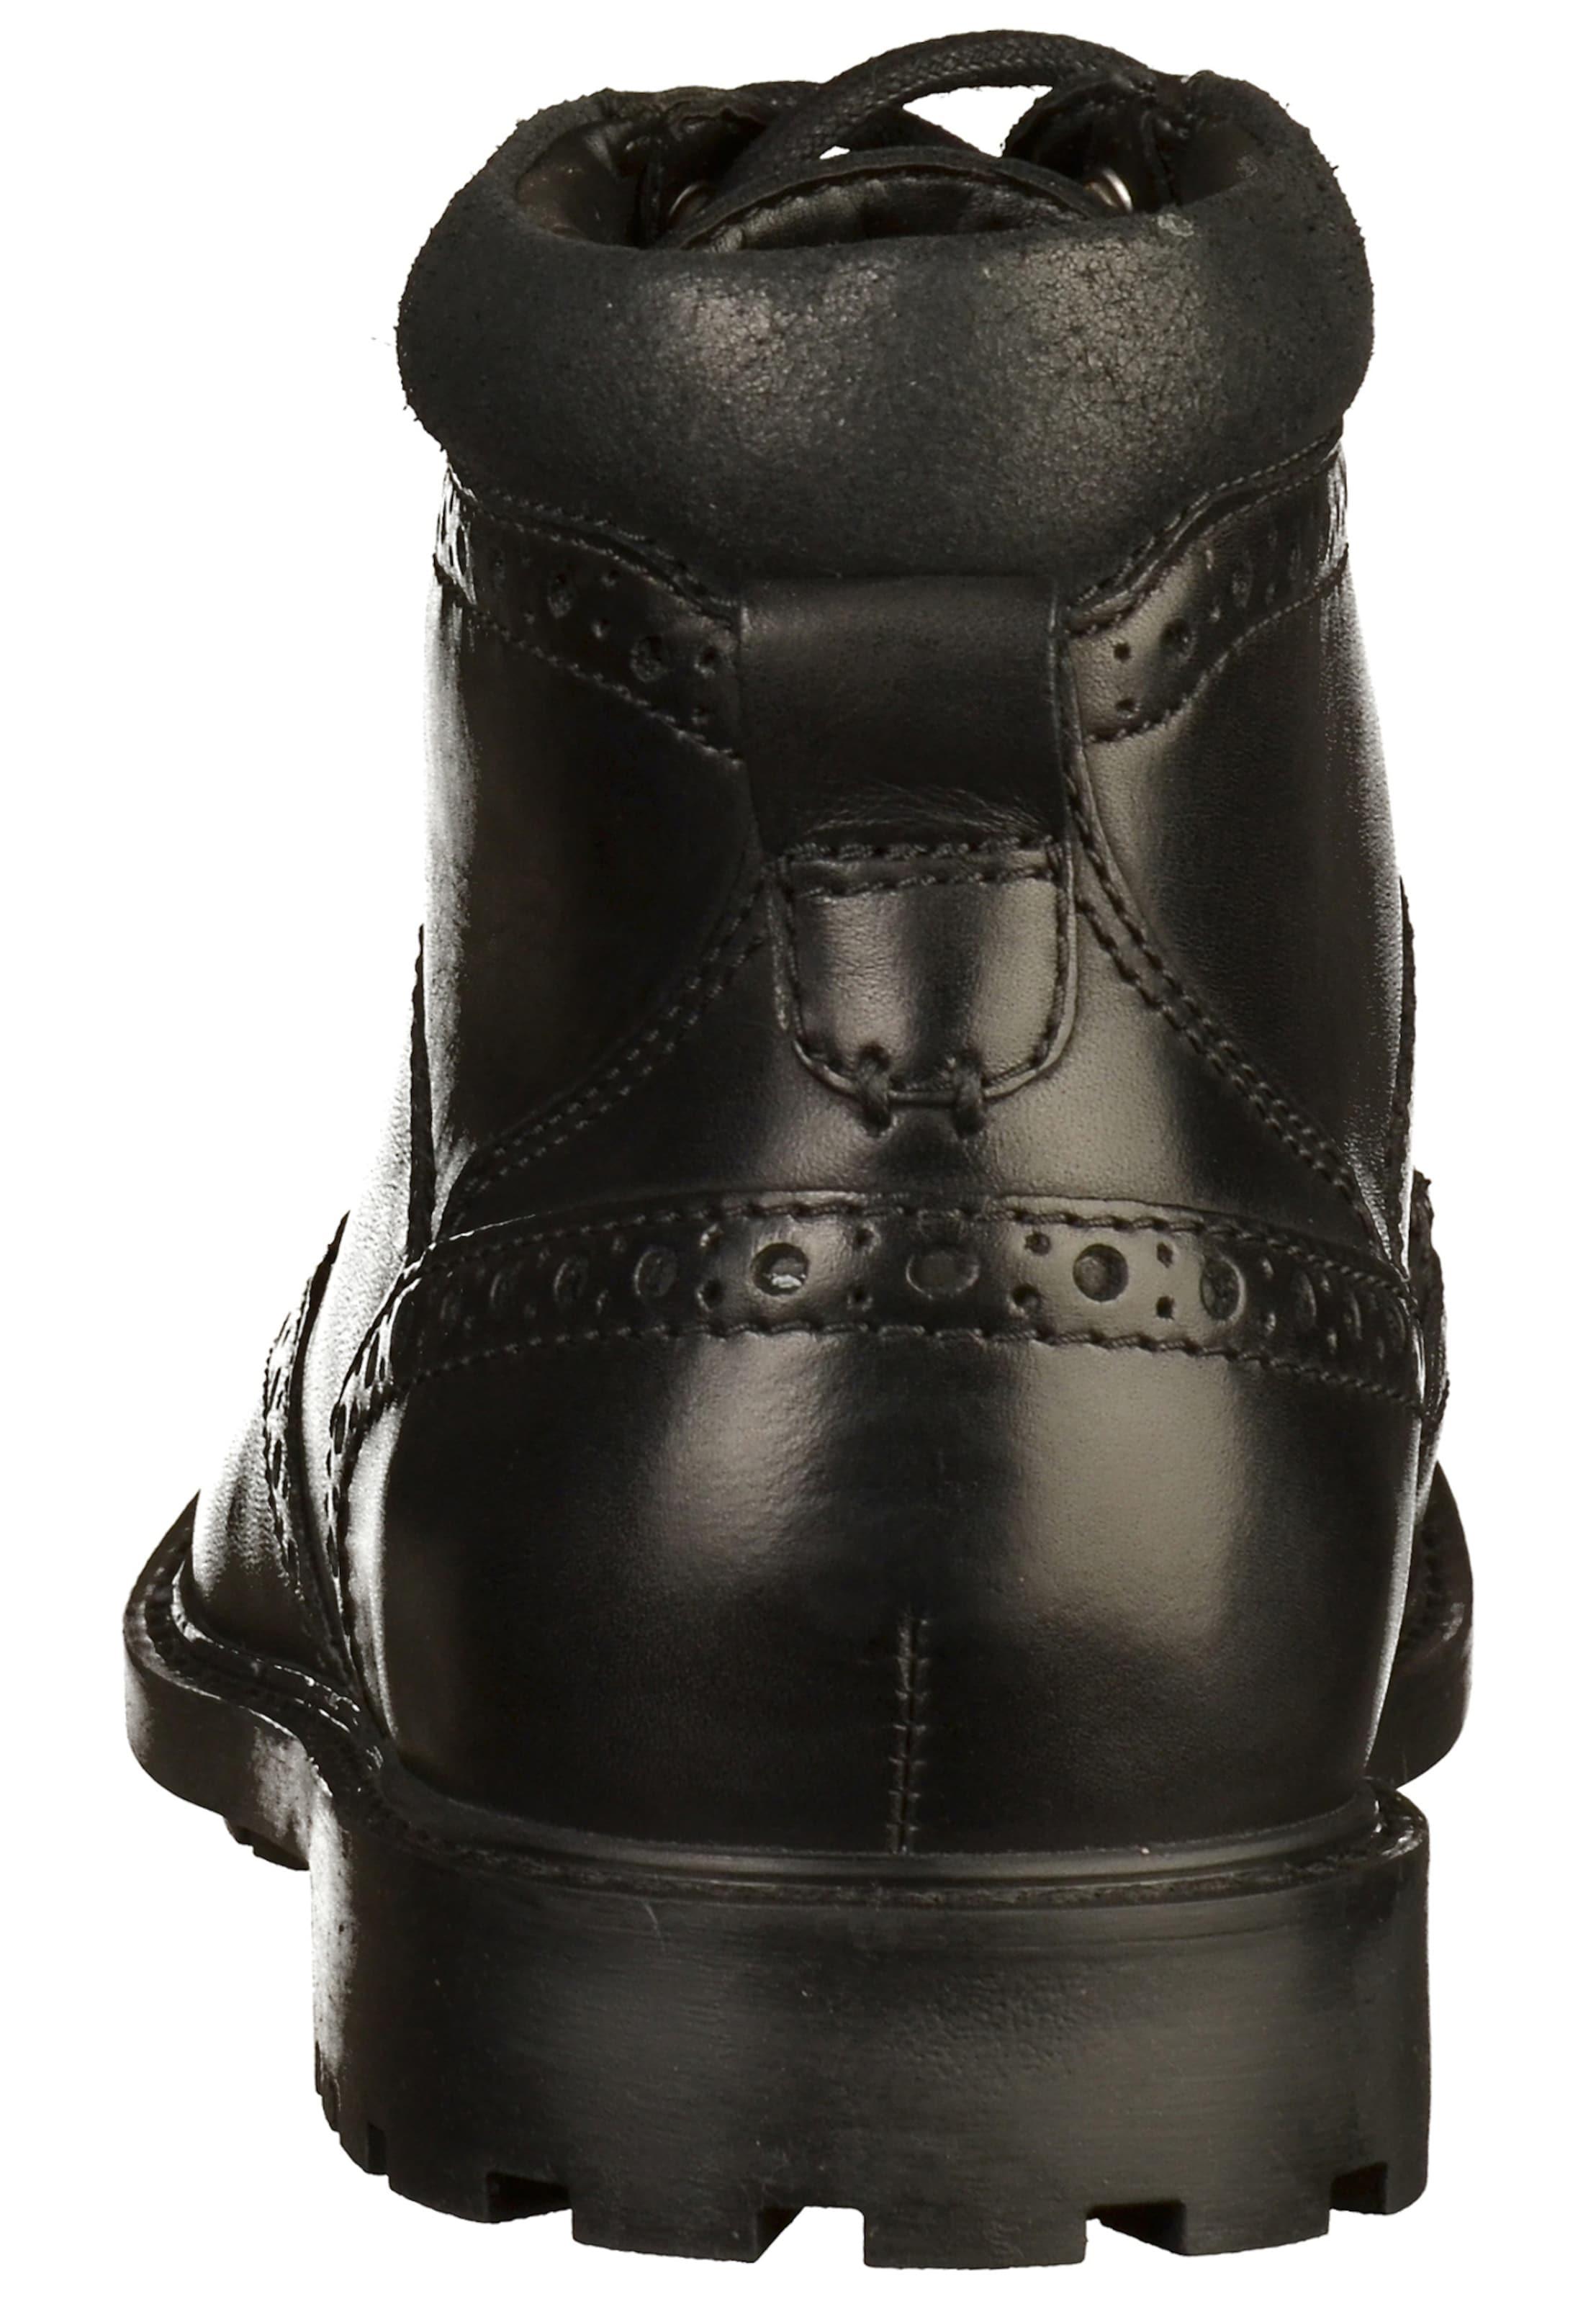 CLARKS Stiefelette Leder Verkaufen Sie Sie Sie saisonale Aktionen 2eb933